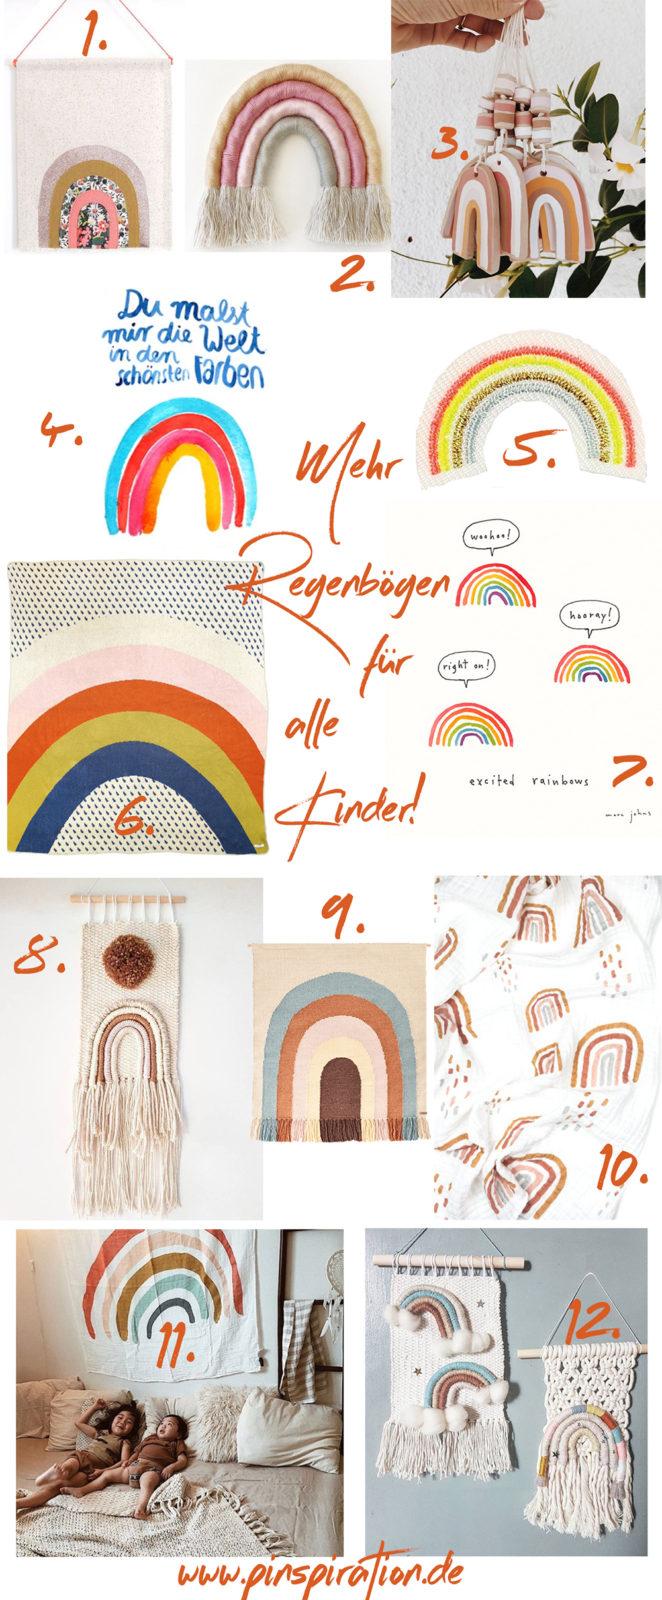 Weltkindertag oder wir können nie genügend Regenbögen im Leben haben! | #Weltkindertag #Kindertag #Regenbogen #Kinderzimmer #Kinderzimmerdekoration #Regenbogenkunst | Pinspiration.de